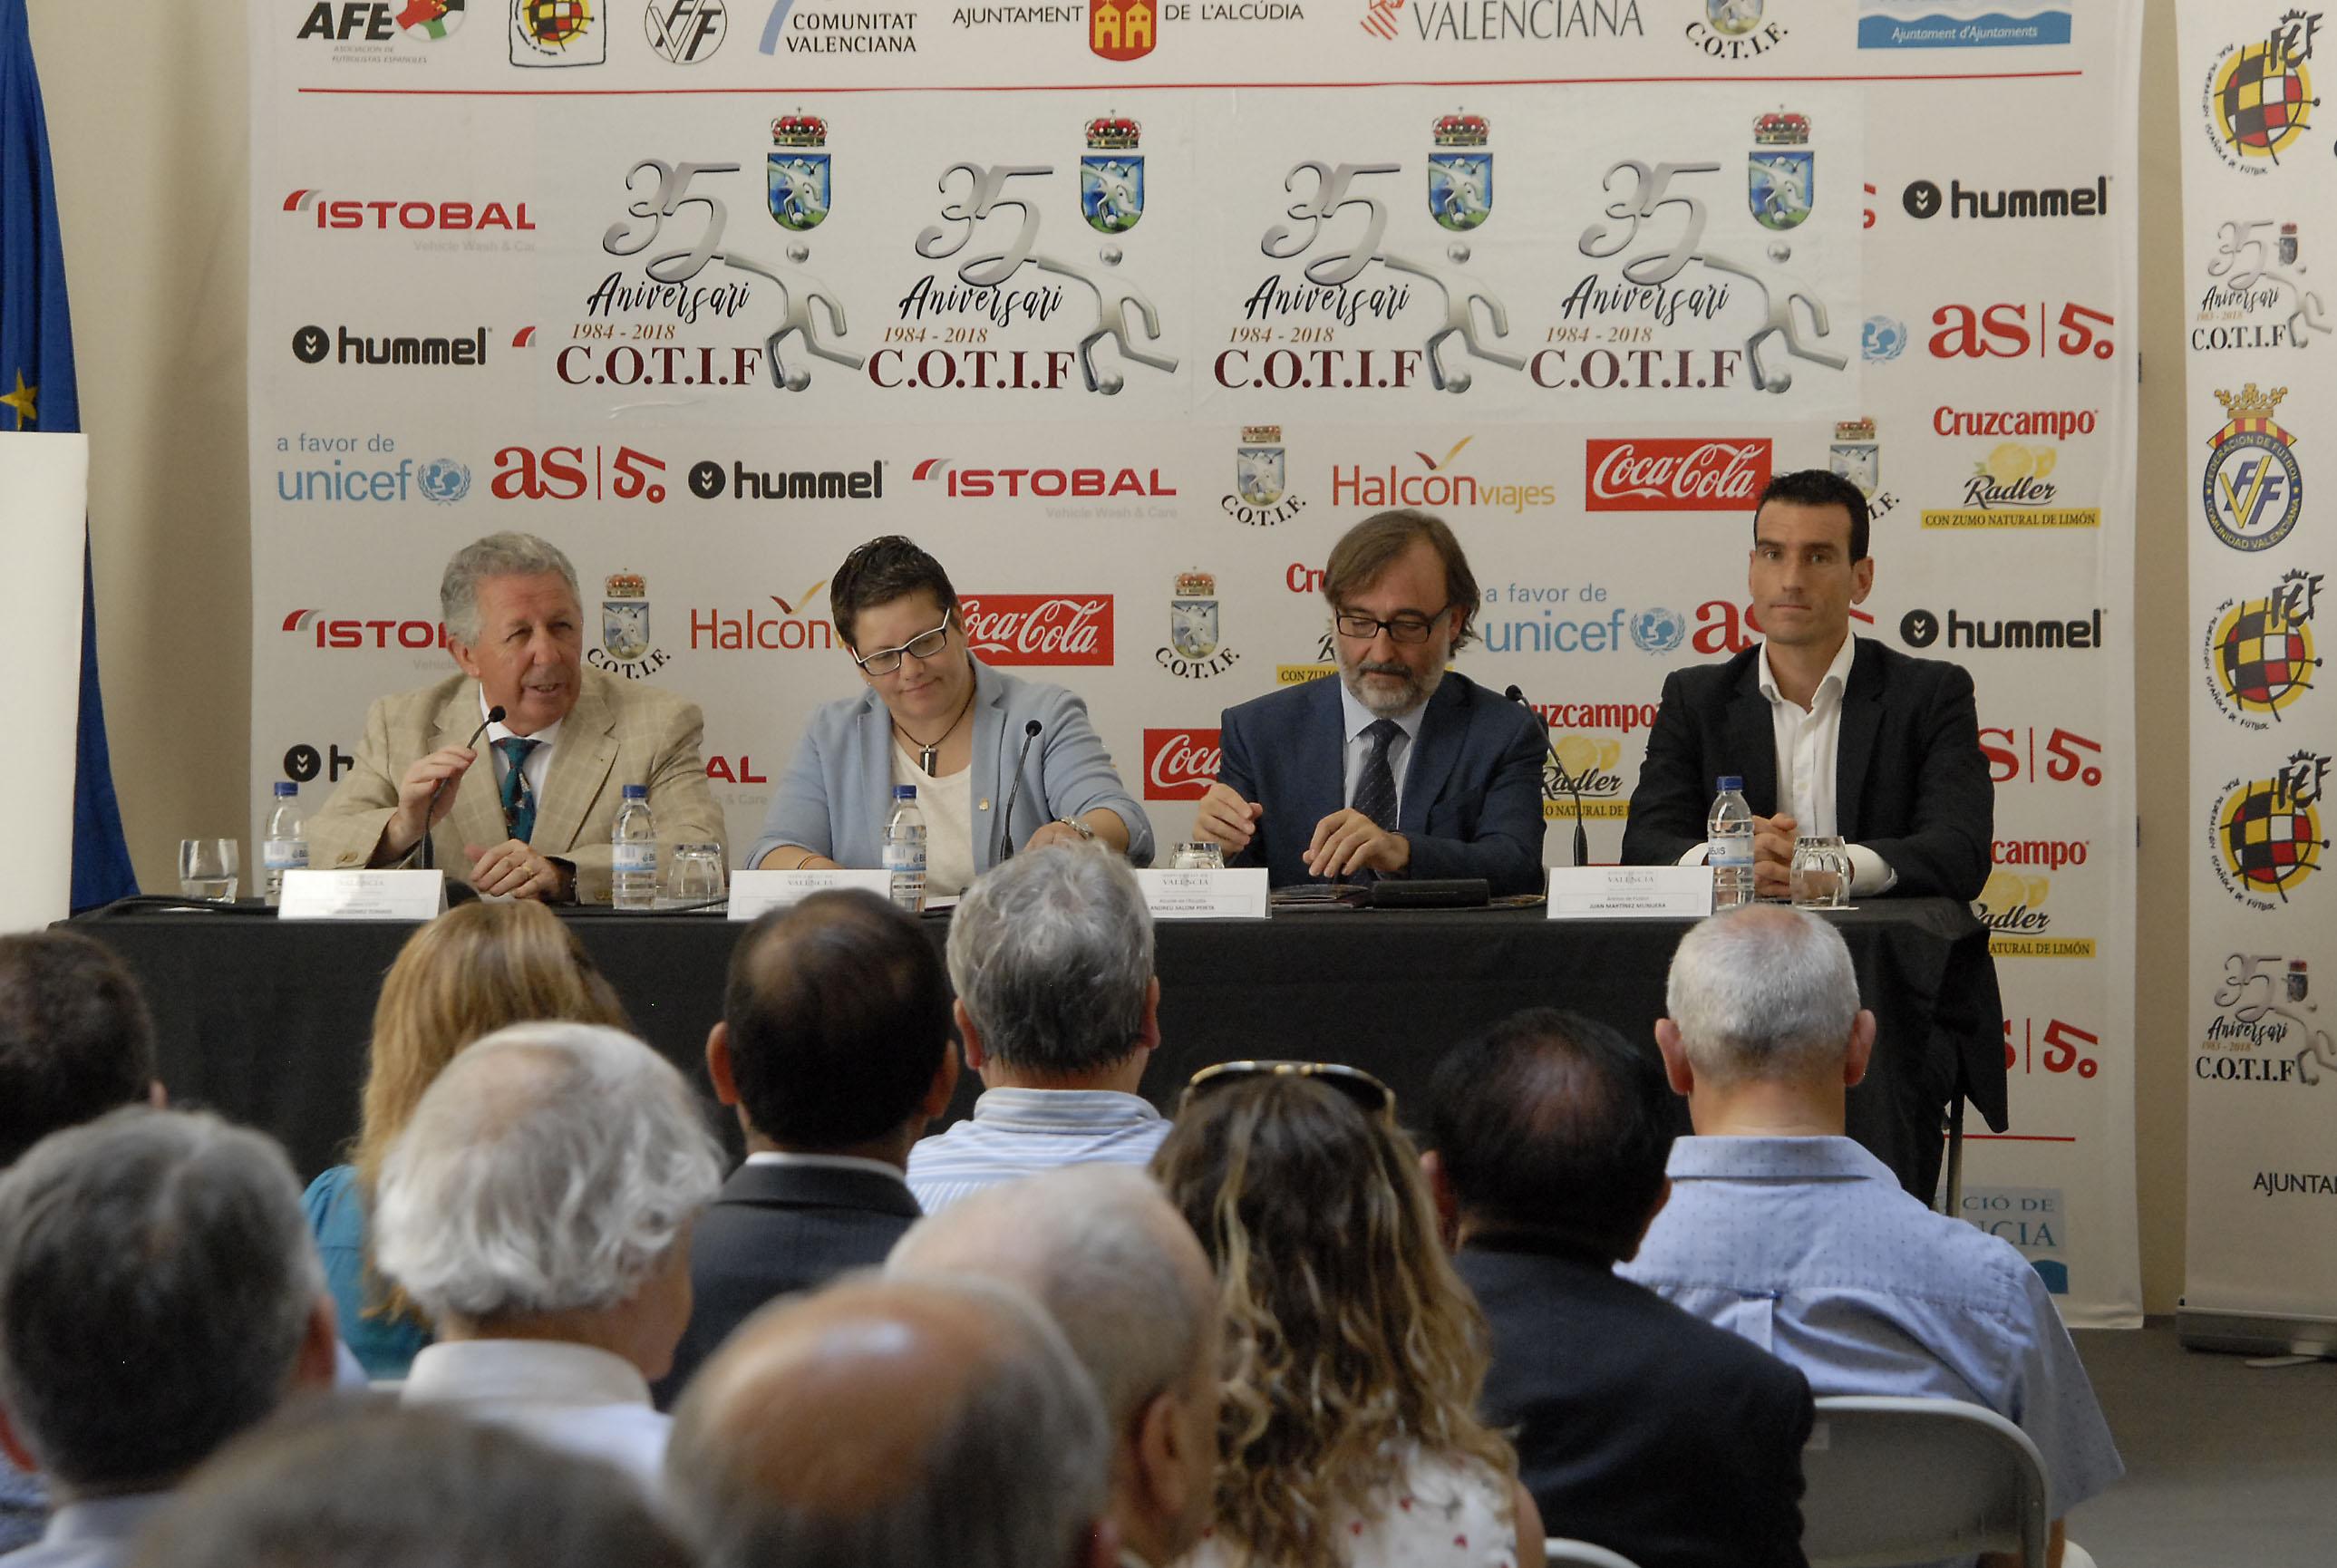 El Cotif celebra els seus 35 anys provant el VAR que arriba aquesta temporada a Espanya.